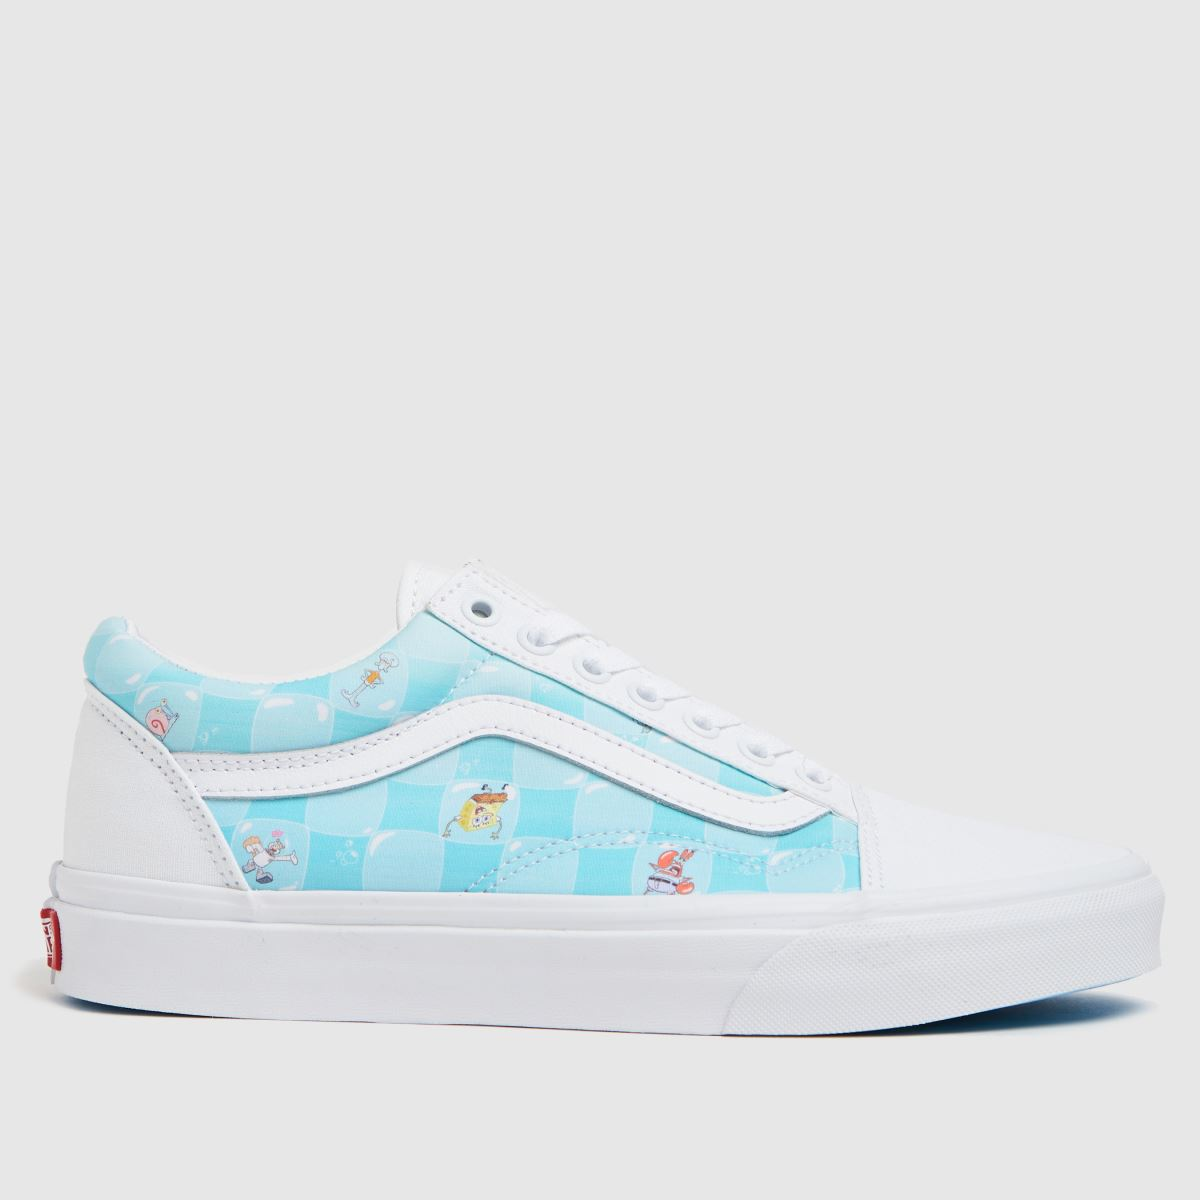 Vans White & Pl Blue Spongebob Old Skool Trainers